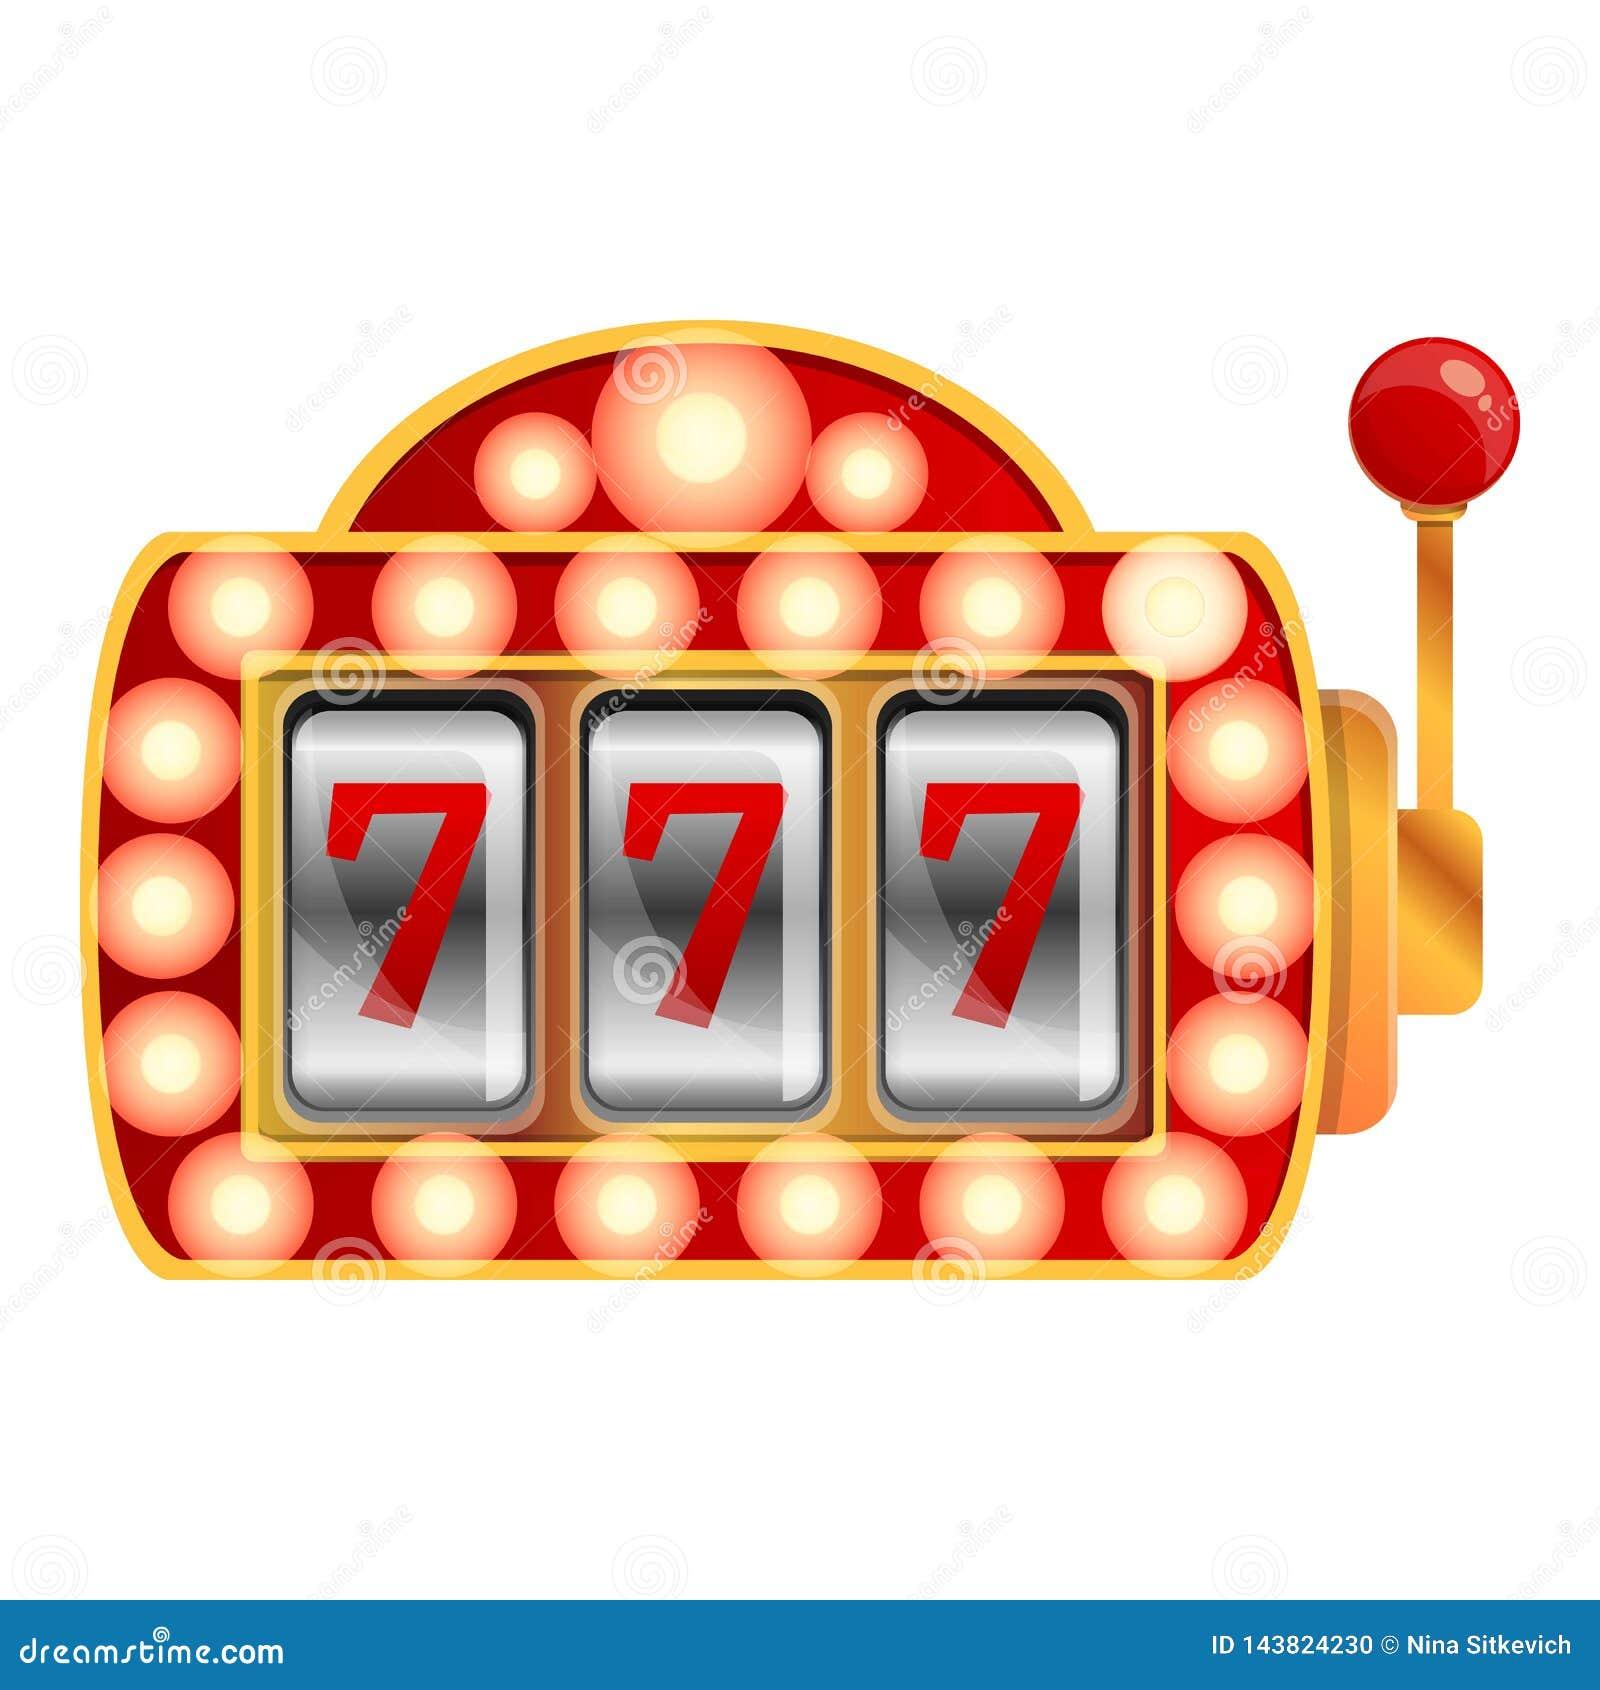 Cartoon Slot Machines